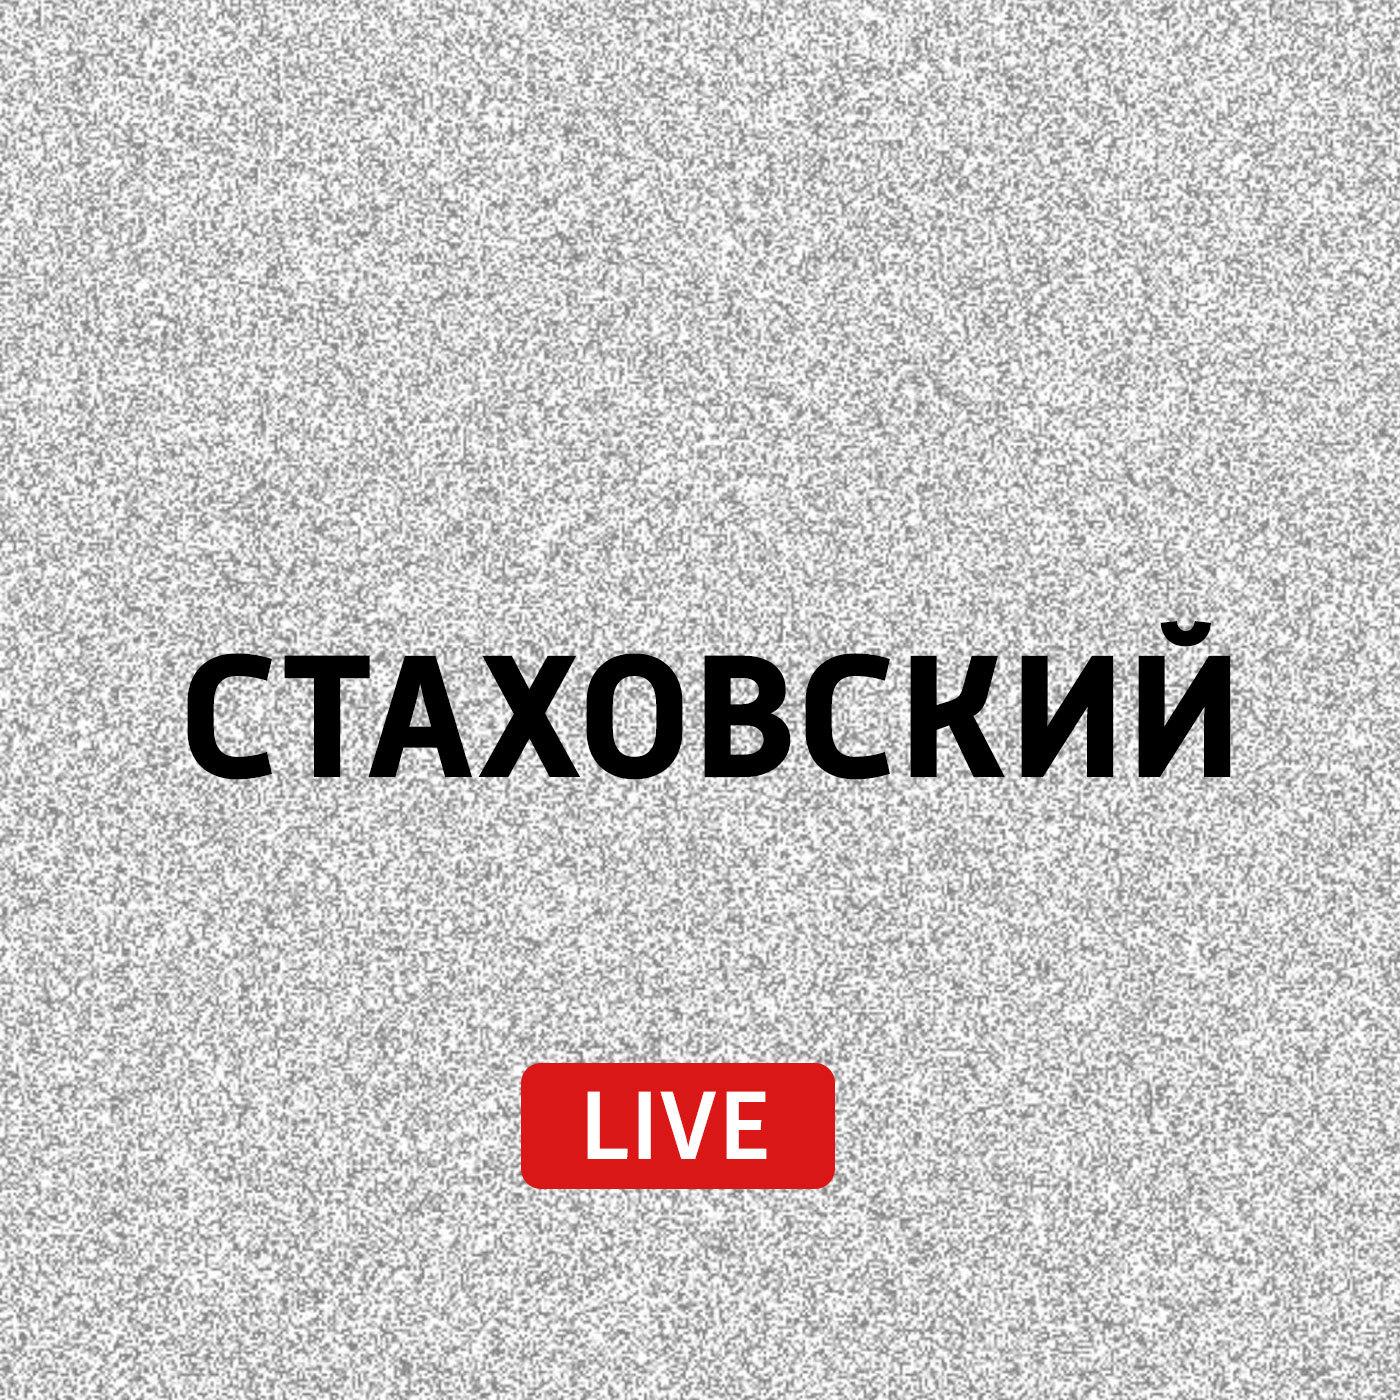 Евгений Стаховский Об инстаграммных лжебожествах и Улофе Пальме